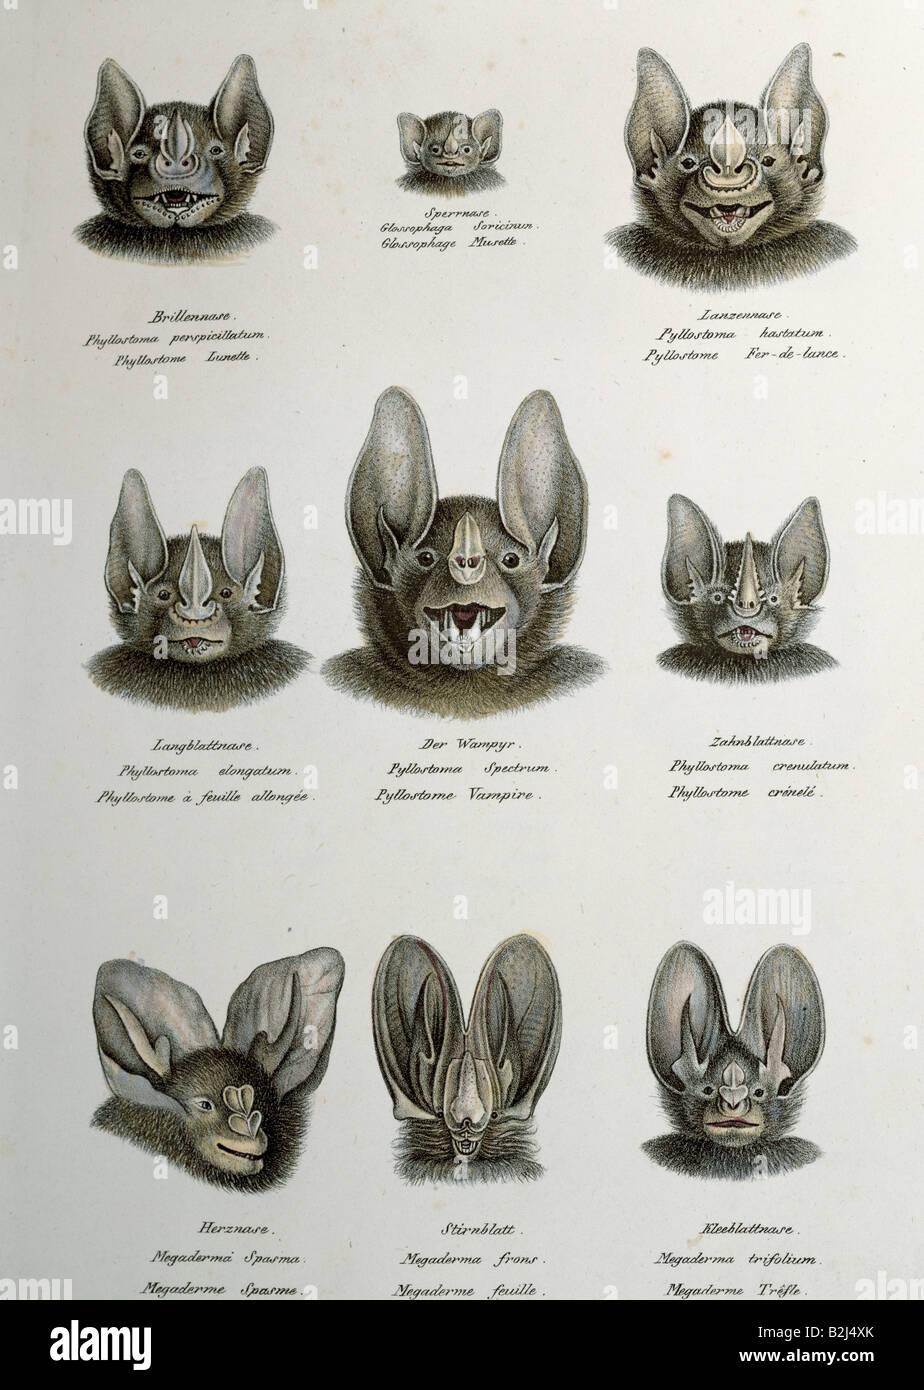 zoology / animal, mammal / mammalian, bats (Chiroptera), Microchiroptera, leaf-nosed bats (Phyllostomidae), different - Stock Image